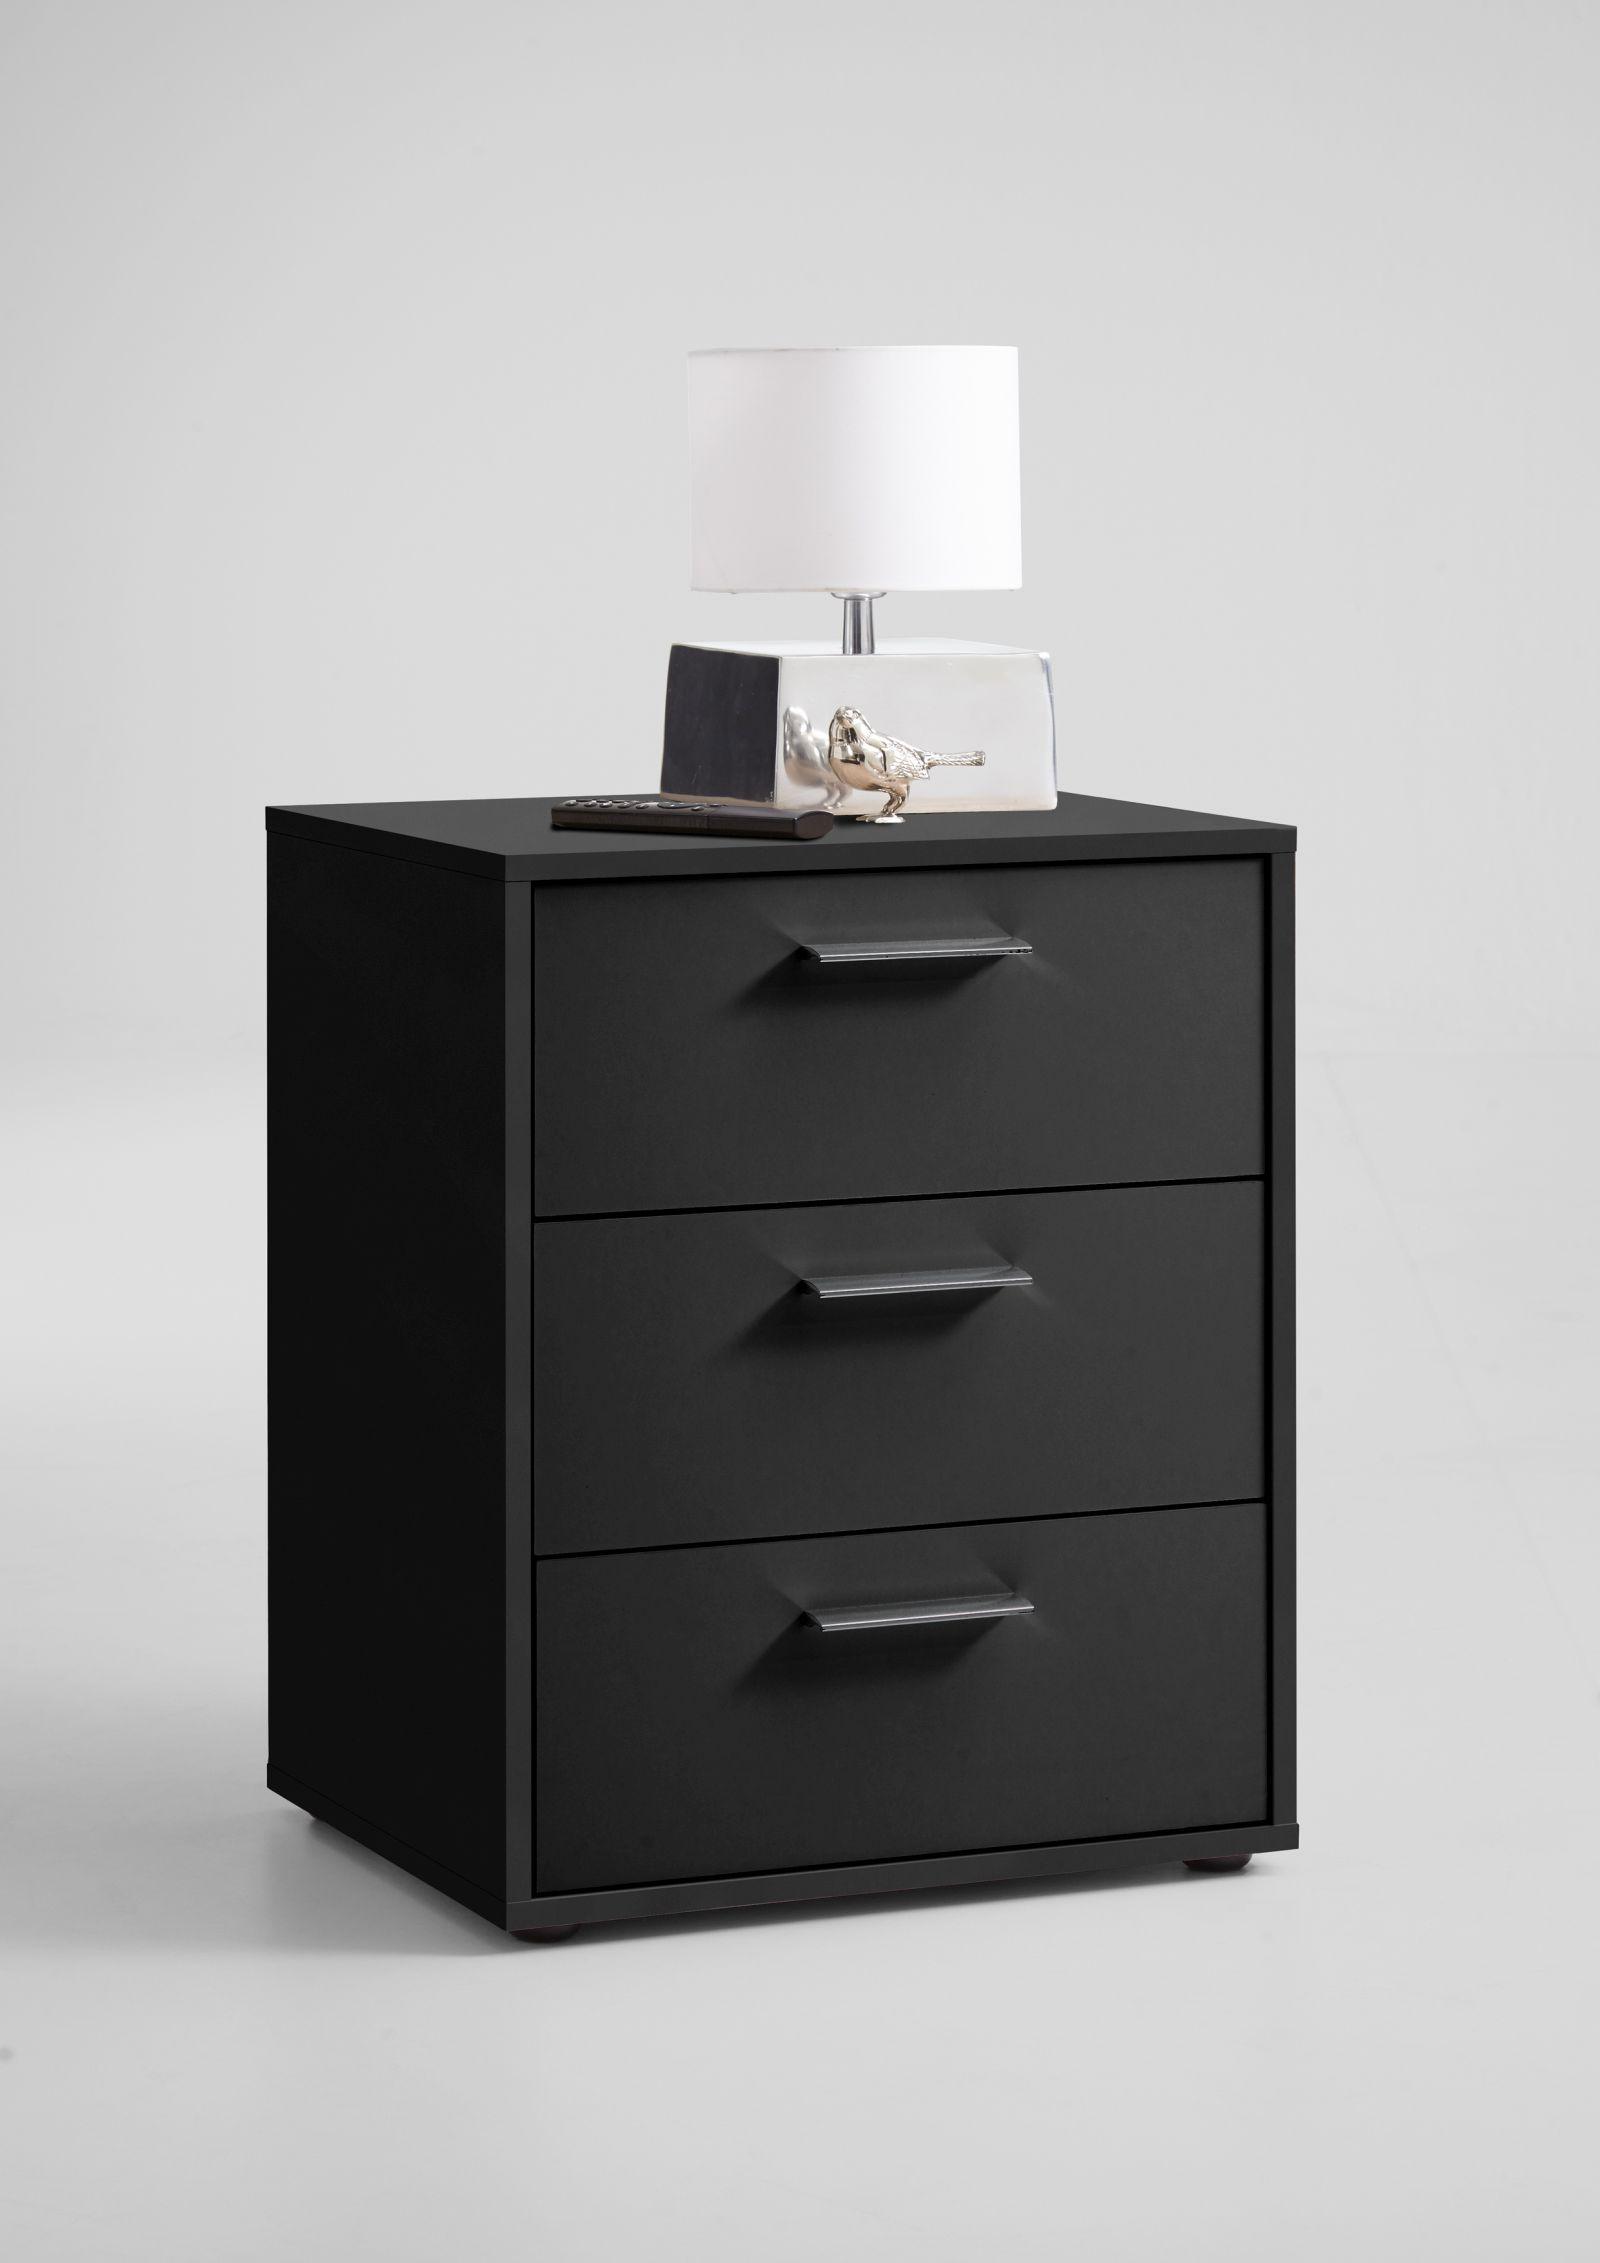 nachtkonsole virginia 2 kommoden kleinm bel garderoben sortiment pack zu m bel sb und. Black Bedroom Furniture Sets. Home Design Ideas